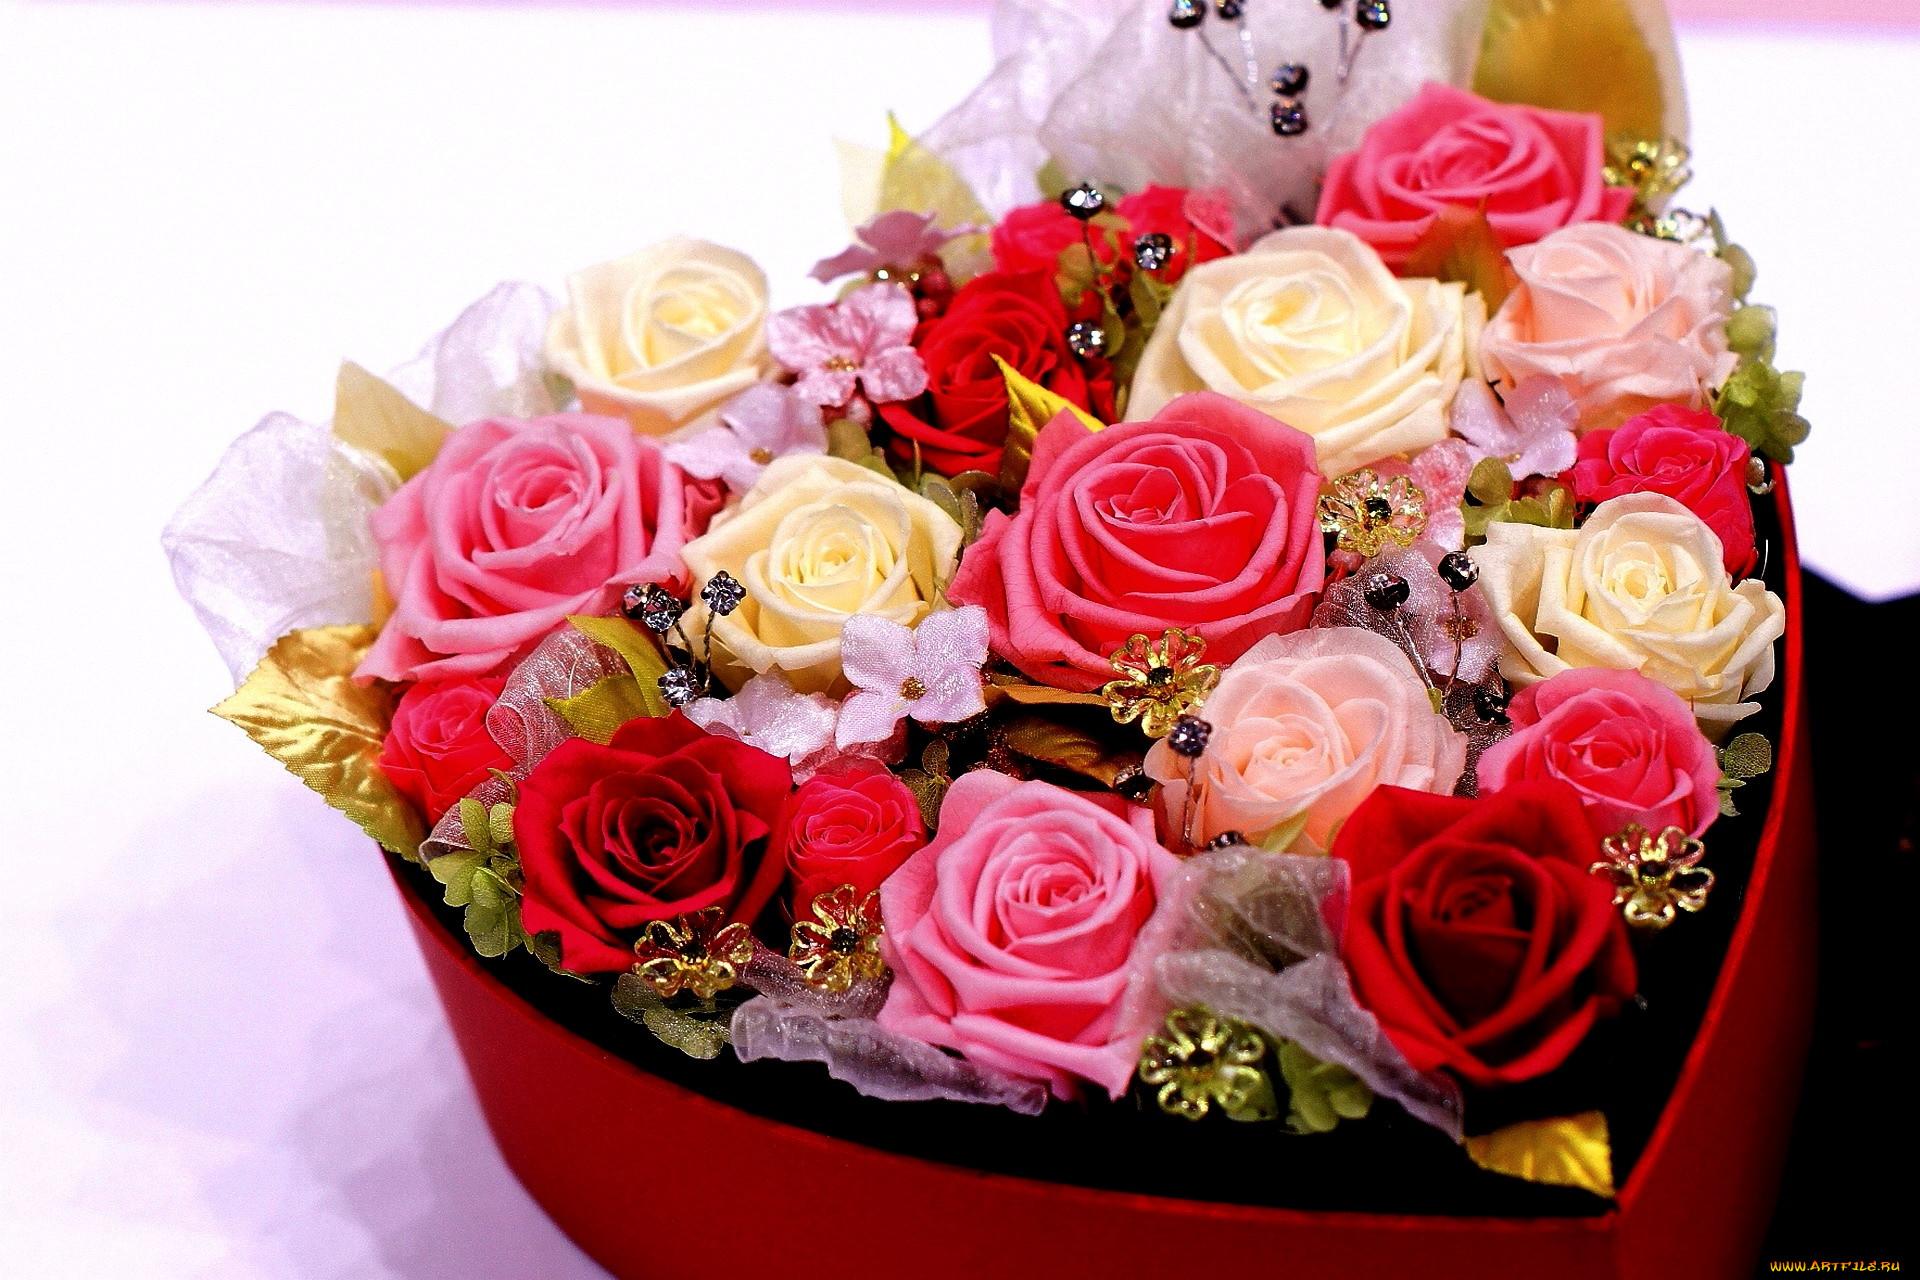 картинки букет цветов от меня стали